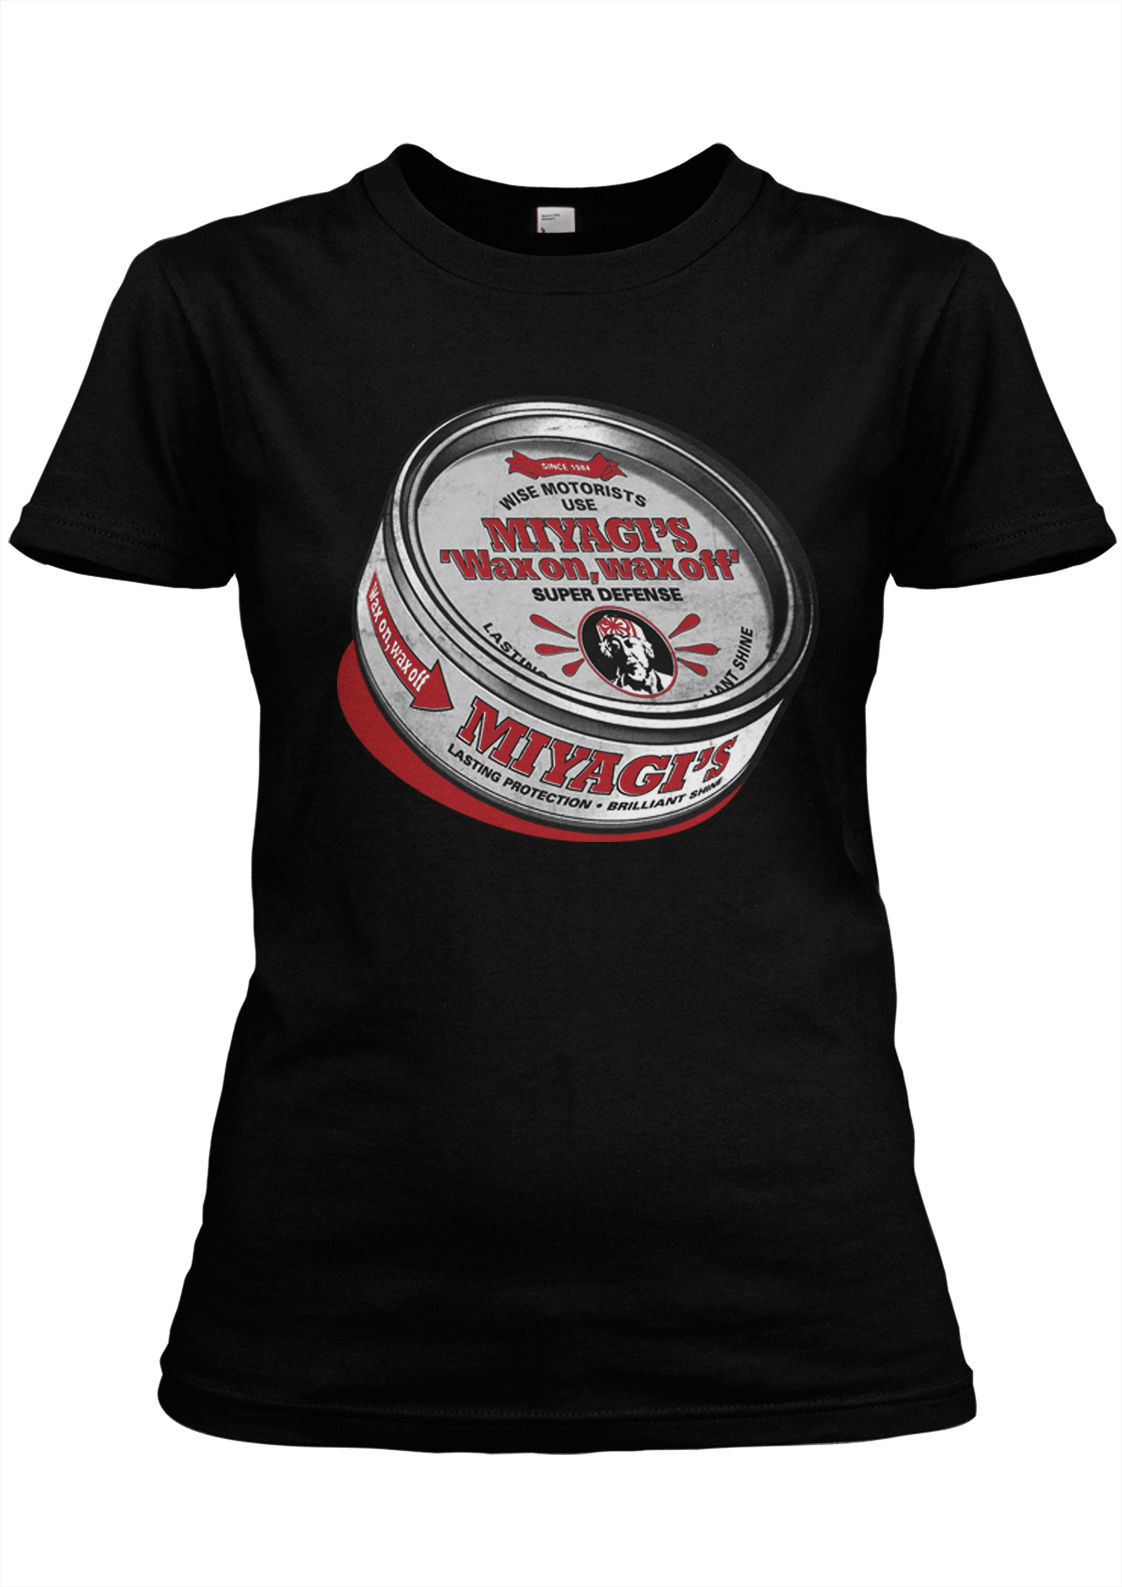 Модная летняя футболка с короткими руками miyagis Воск Премиум Гирли каратэ, борьба, кино, KULT, додзе, малыш, cobra Kai, весело